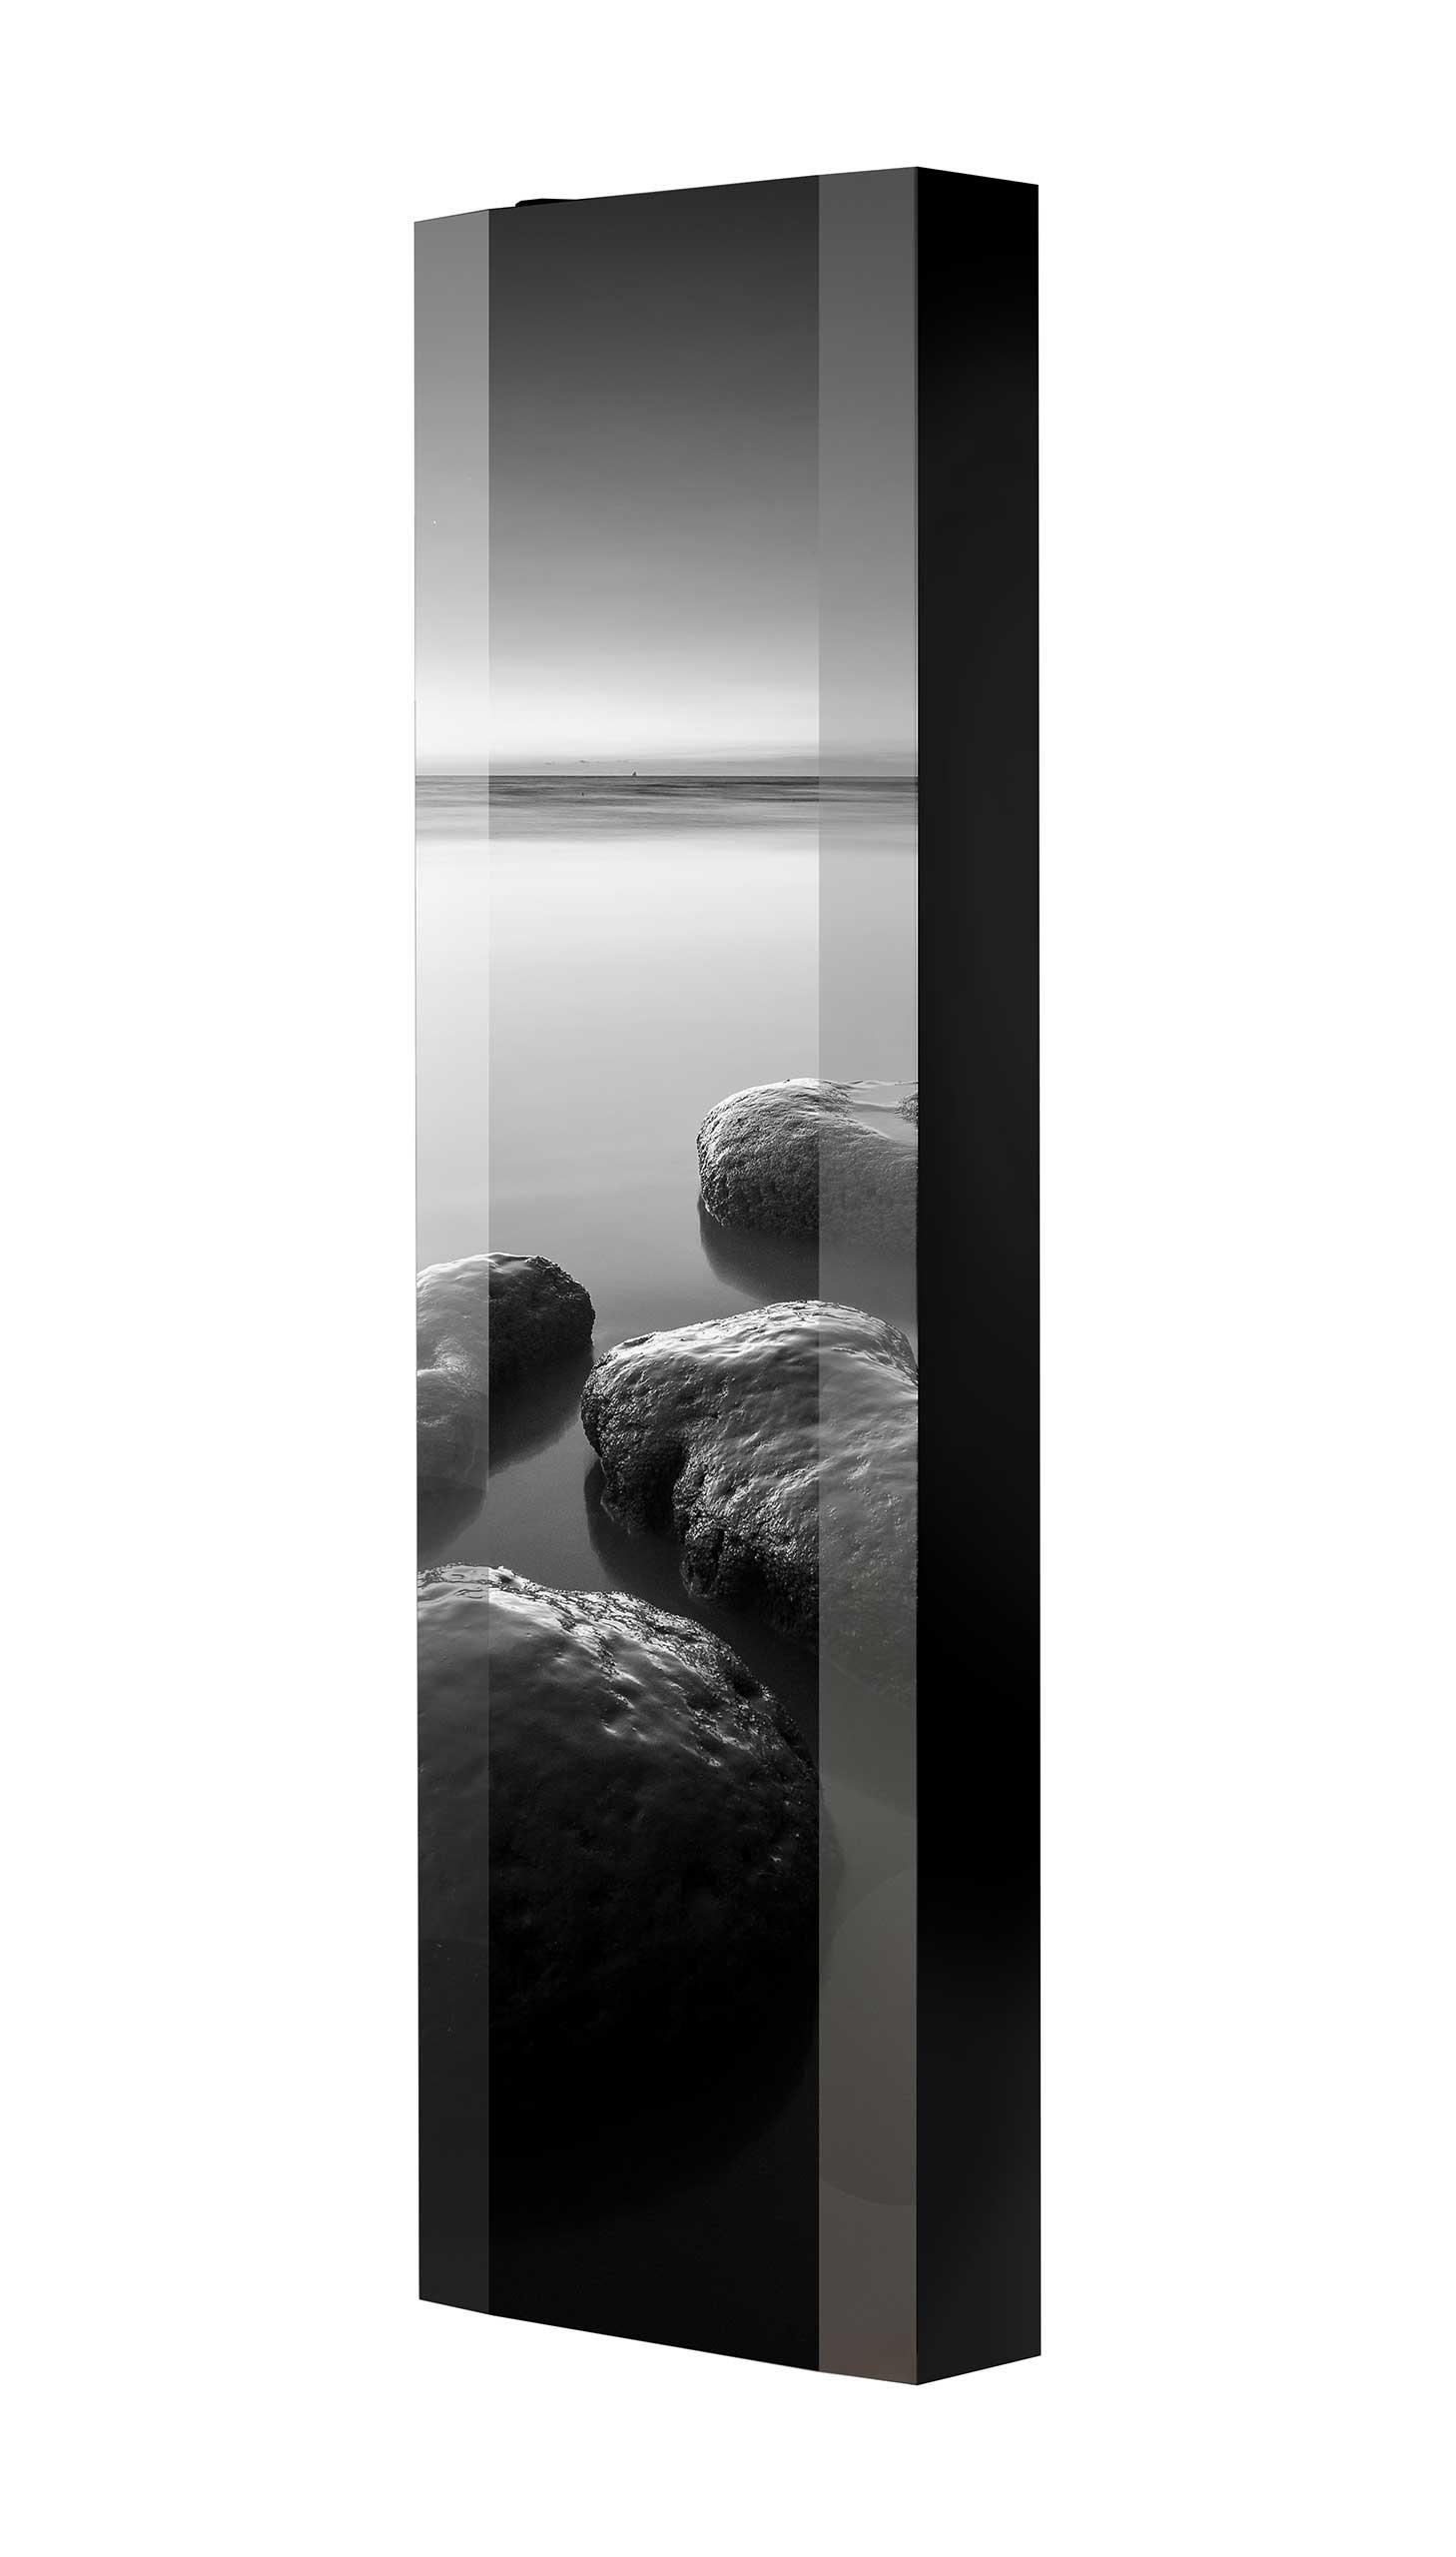 Schuhschrank FLASH 450 BLACK-EDITION Motivschrank schwarz drehbar M105 Felsen Schwarz-Weiß